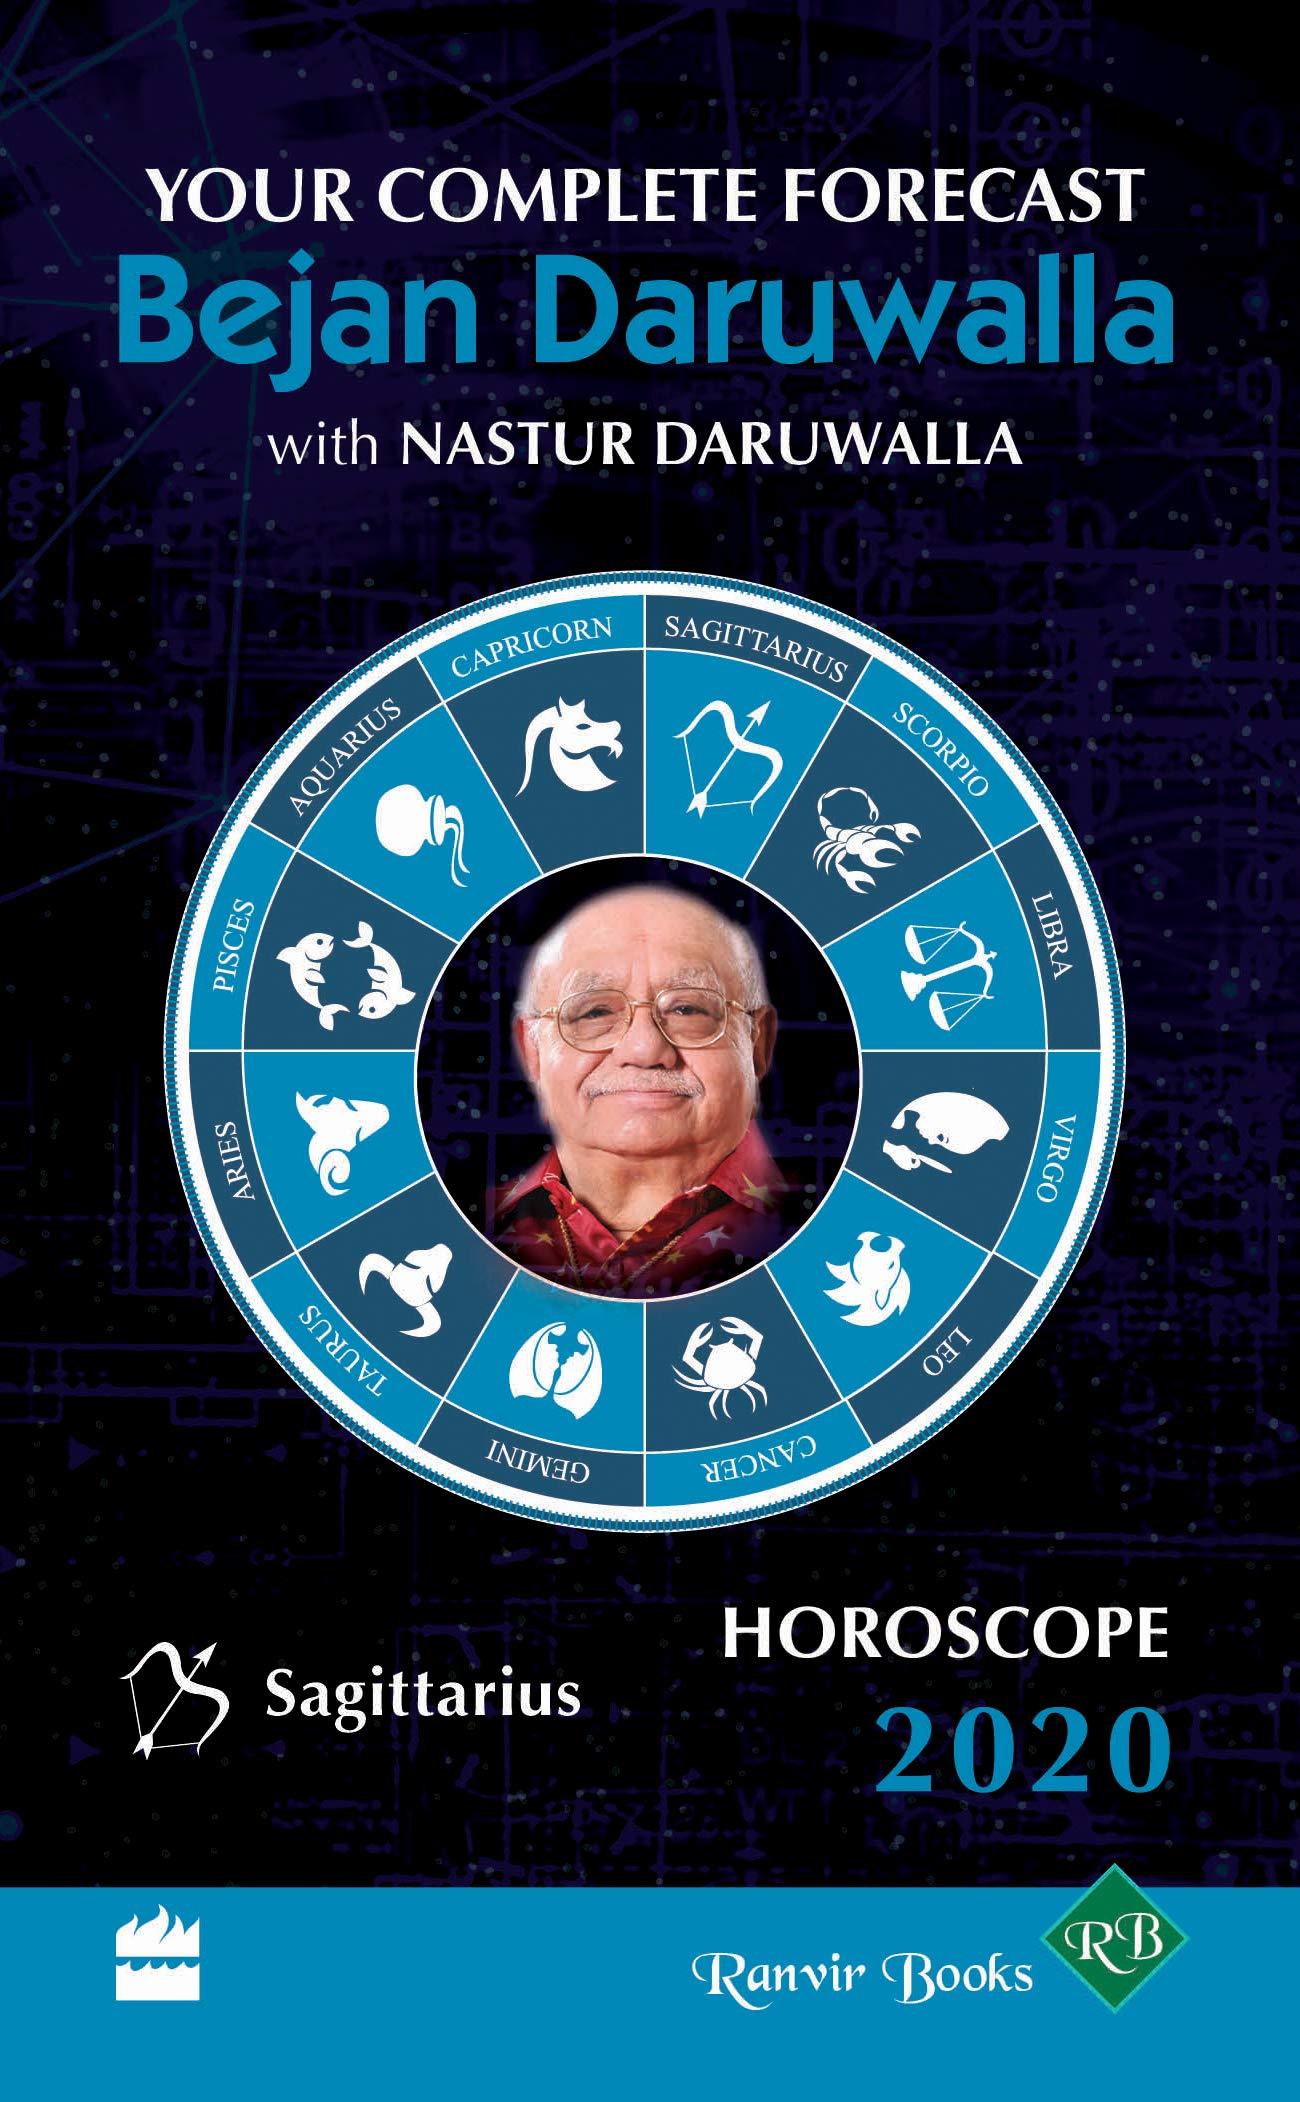 sagittariusian horoscope by bejan daruwalla